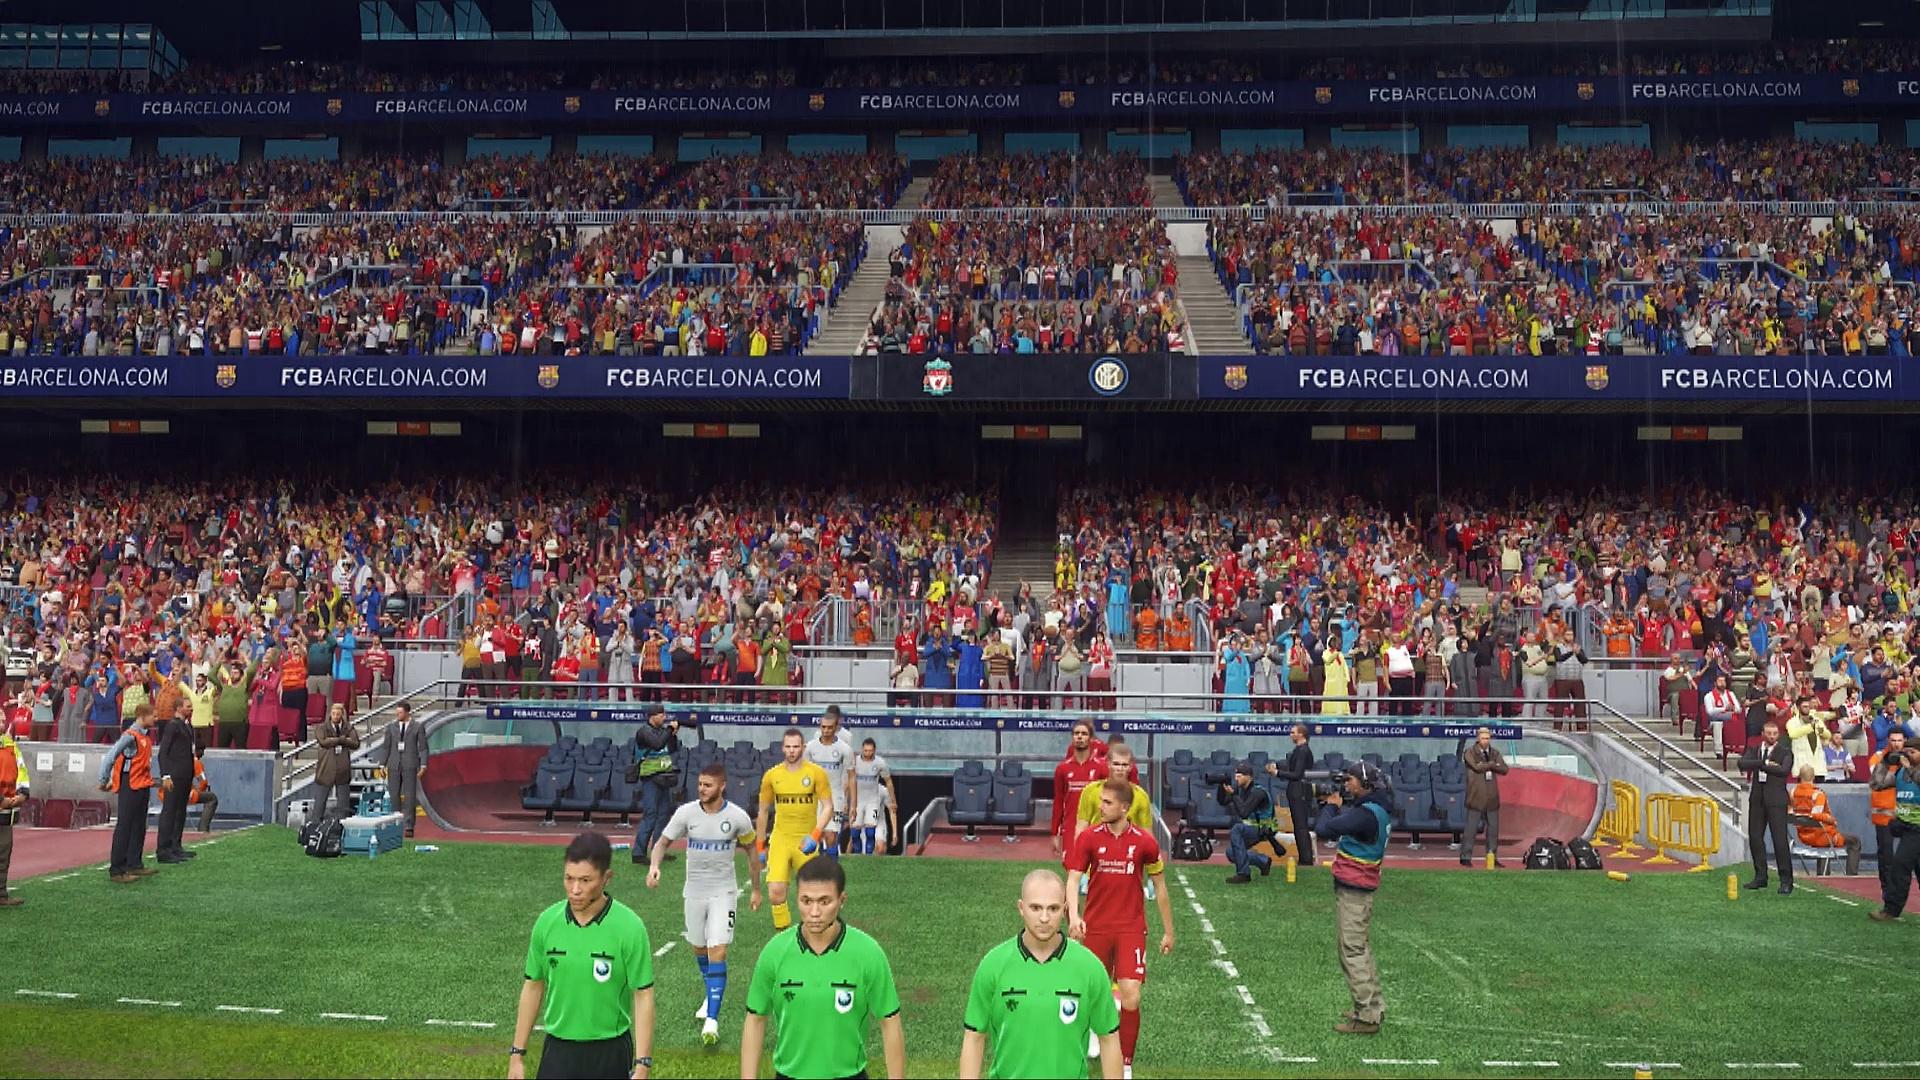 PES 2019 PC Liverpool-Internazionale demo